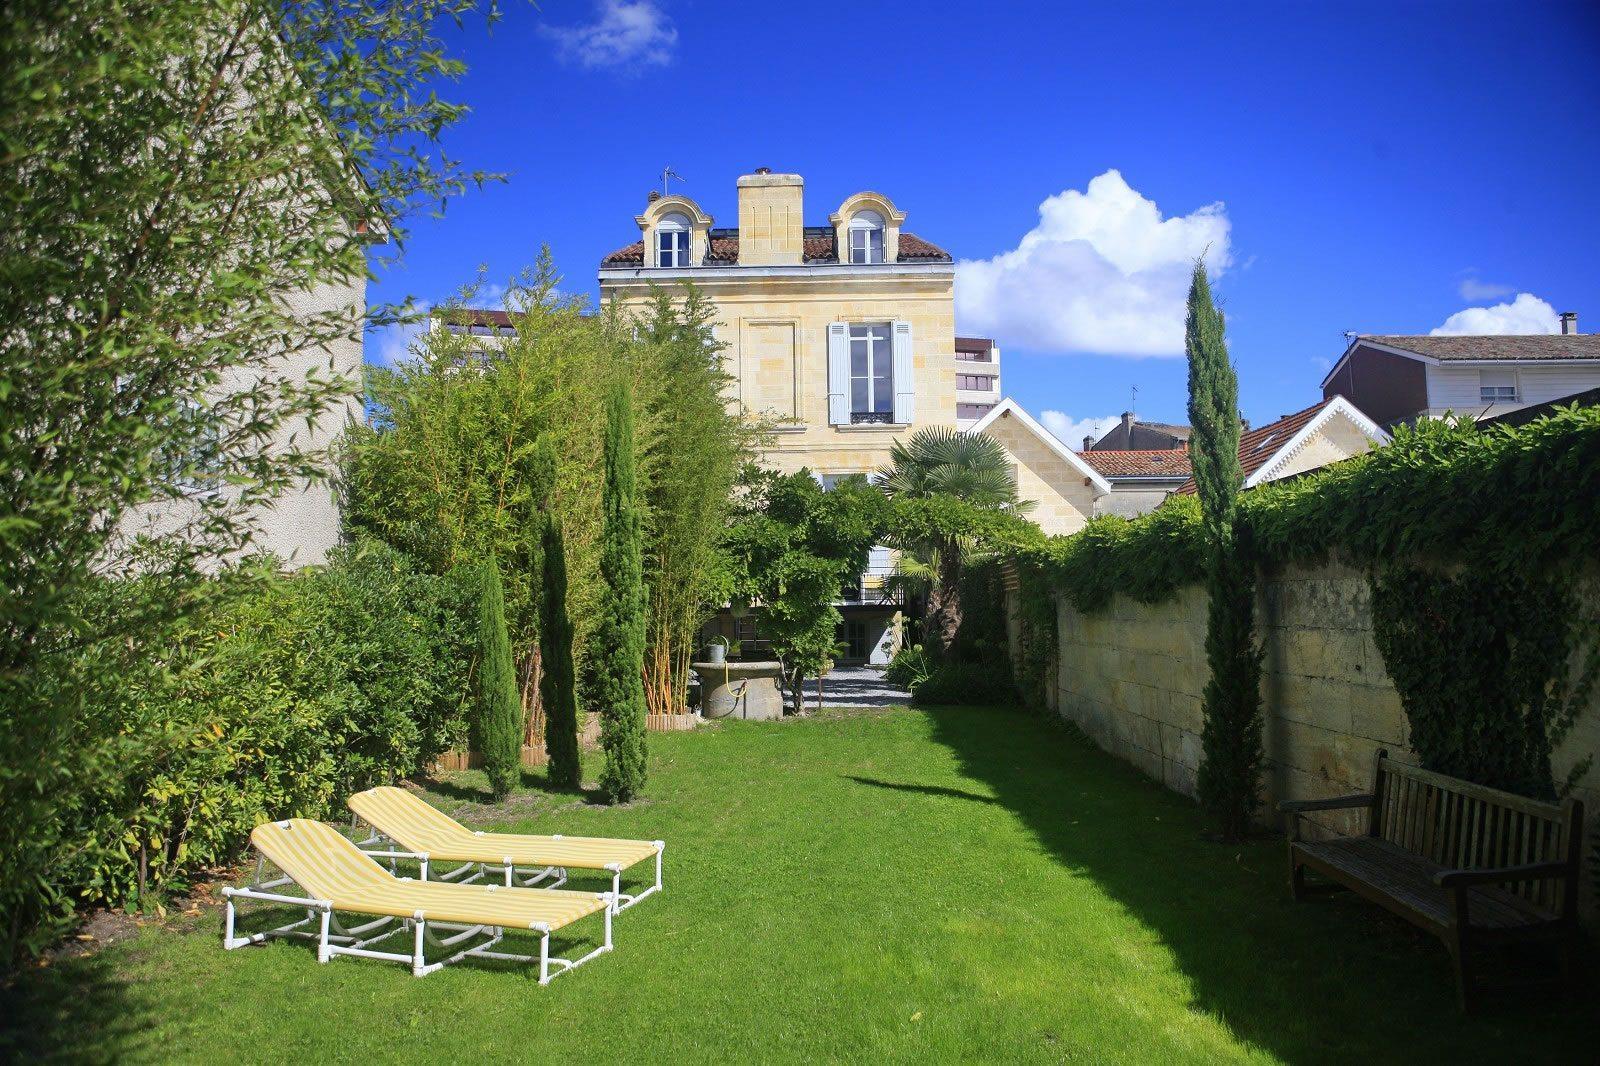 maison-renovee-a-vendre-barriere-de-pessac-terrasse-jardin-rangements-caves